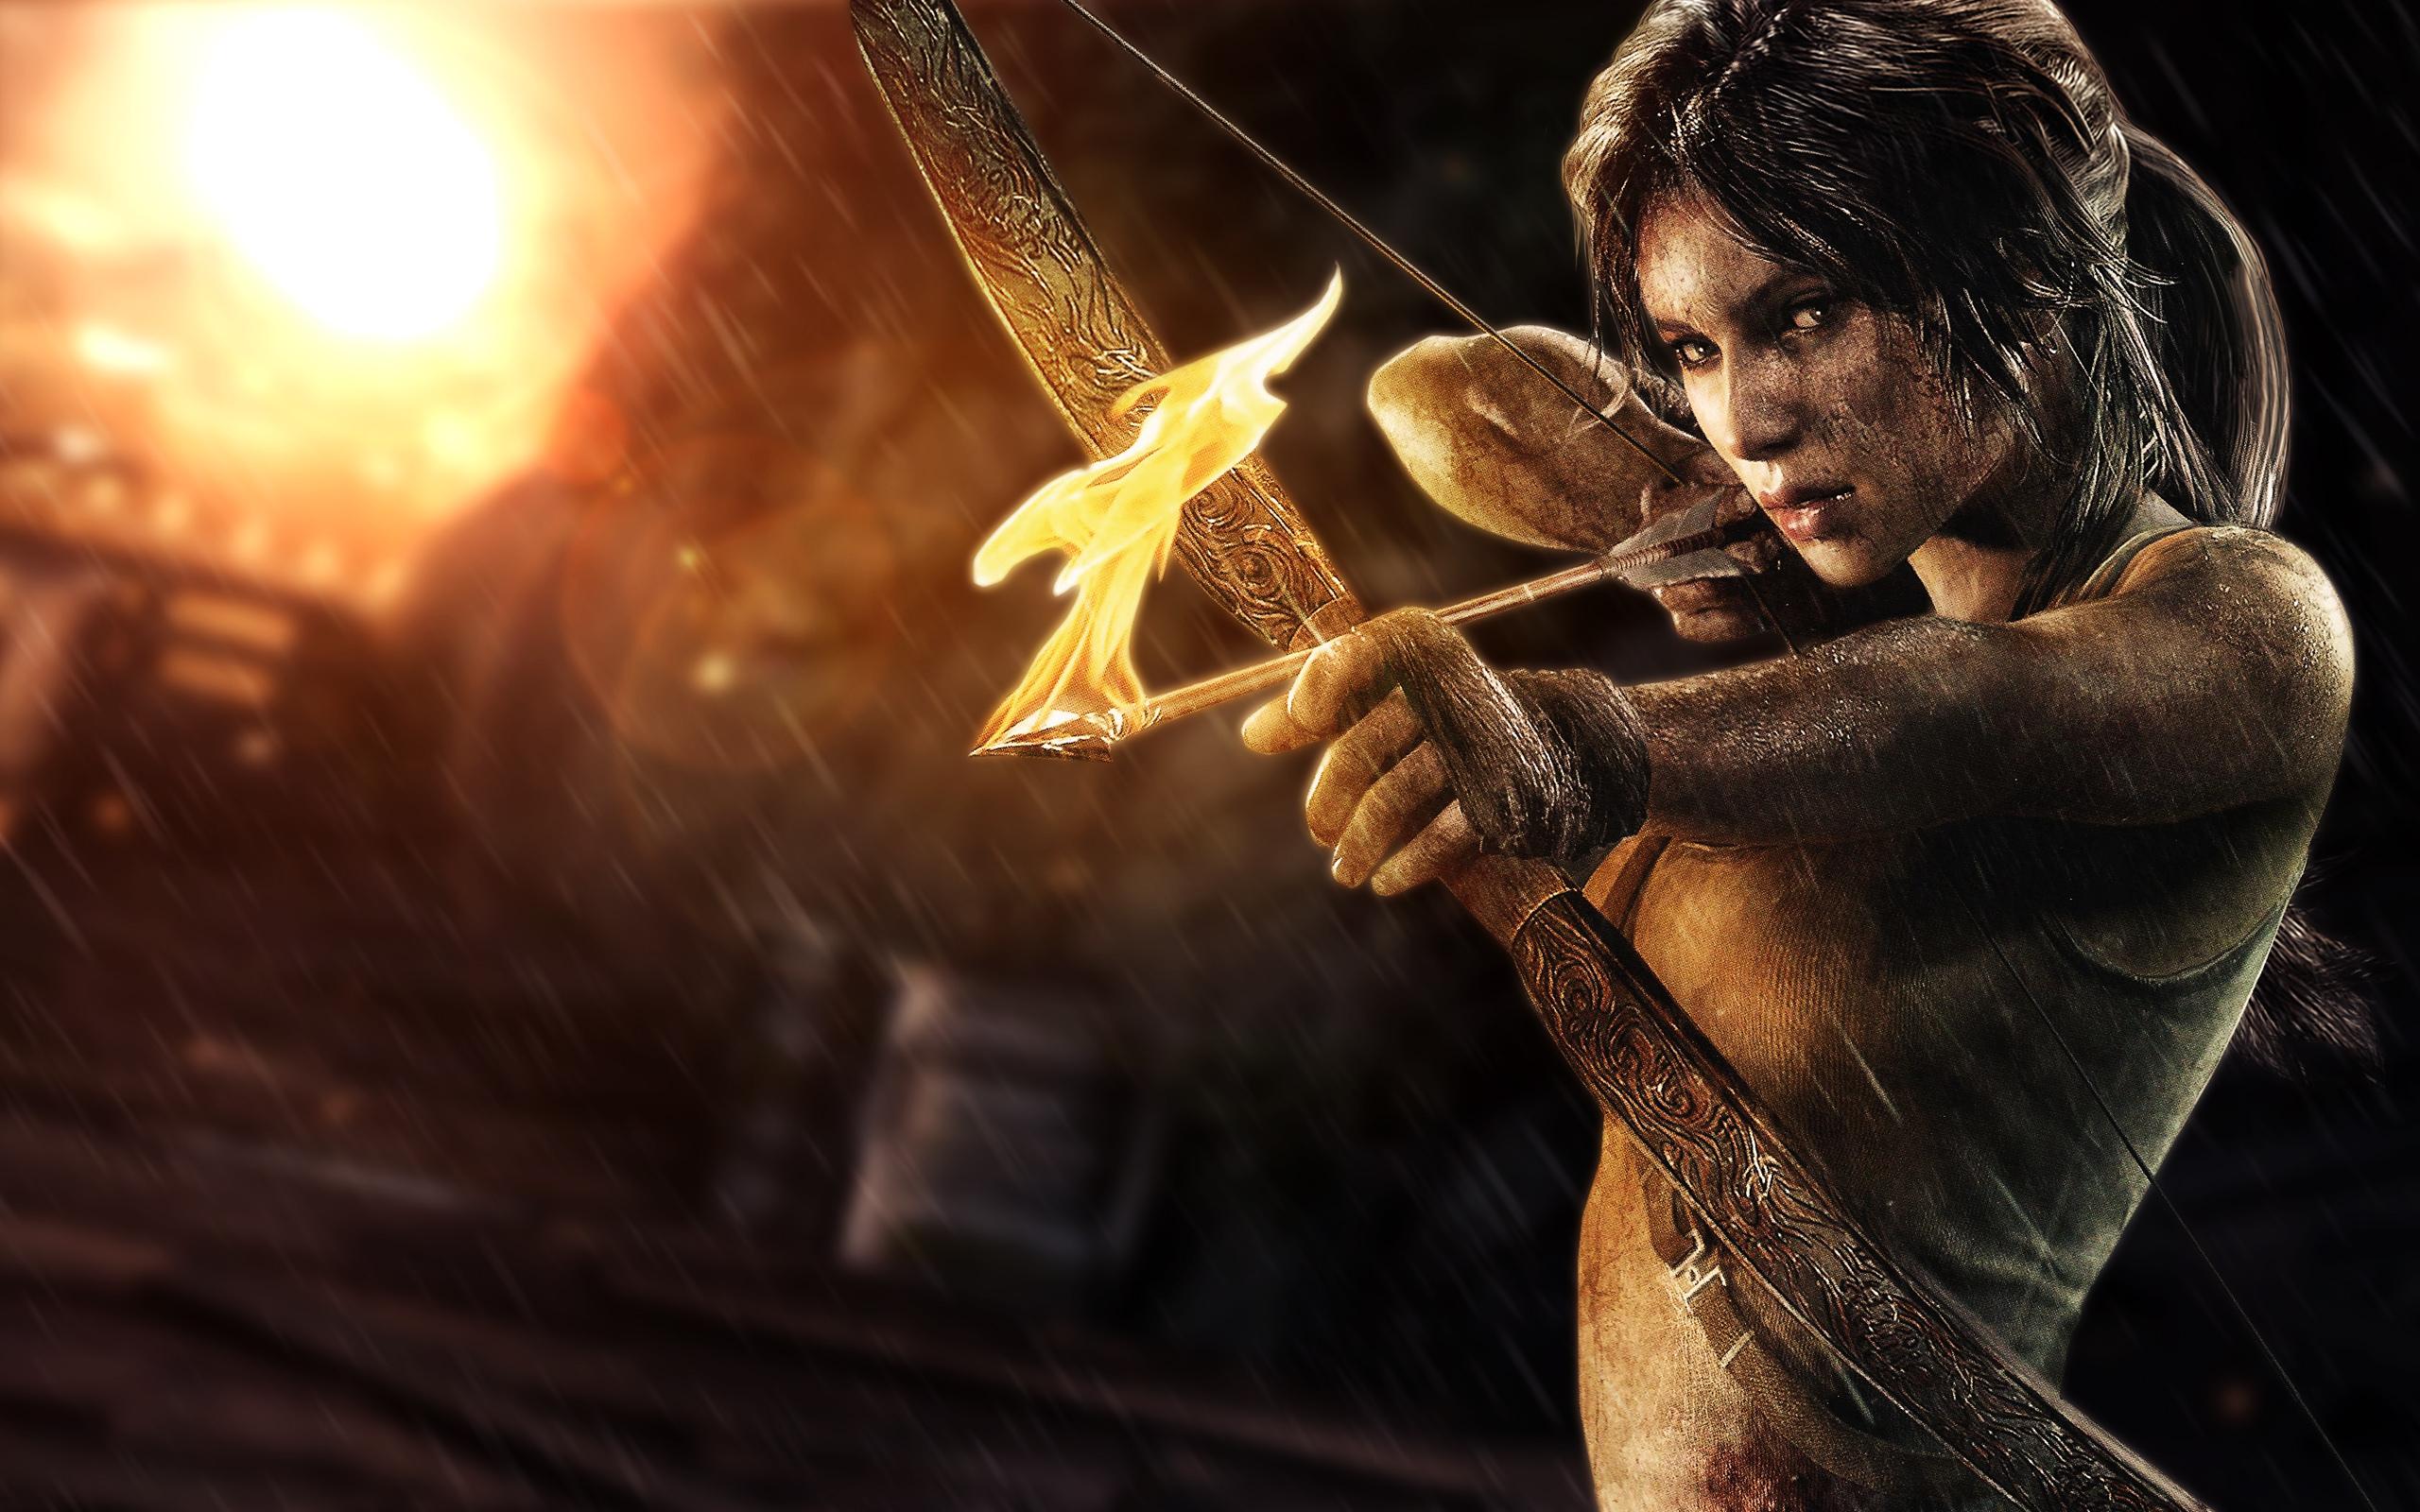 Tomb Raider Computer Wallpaper